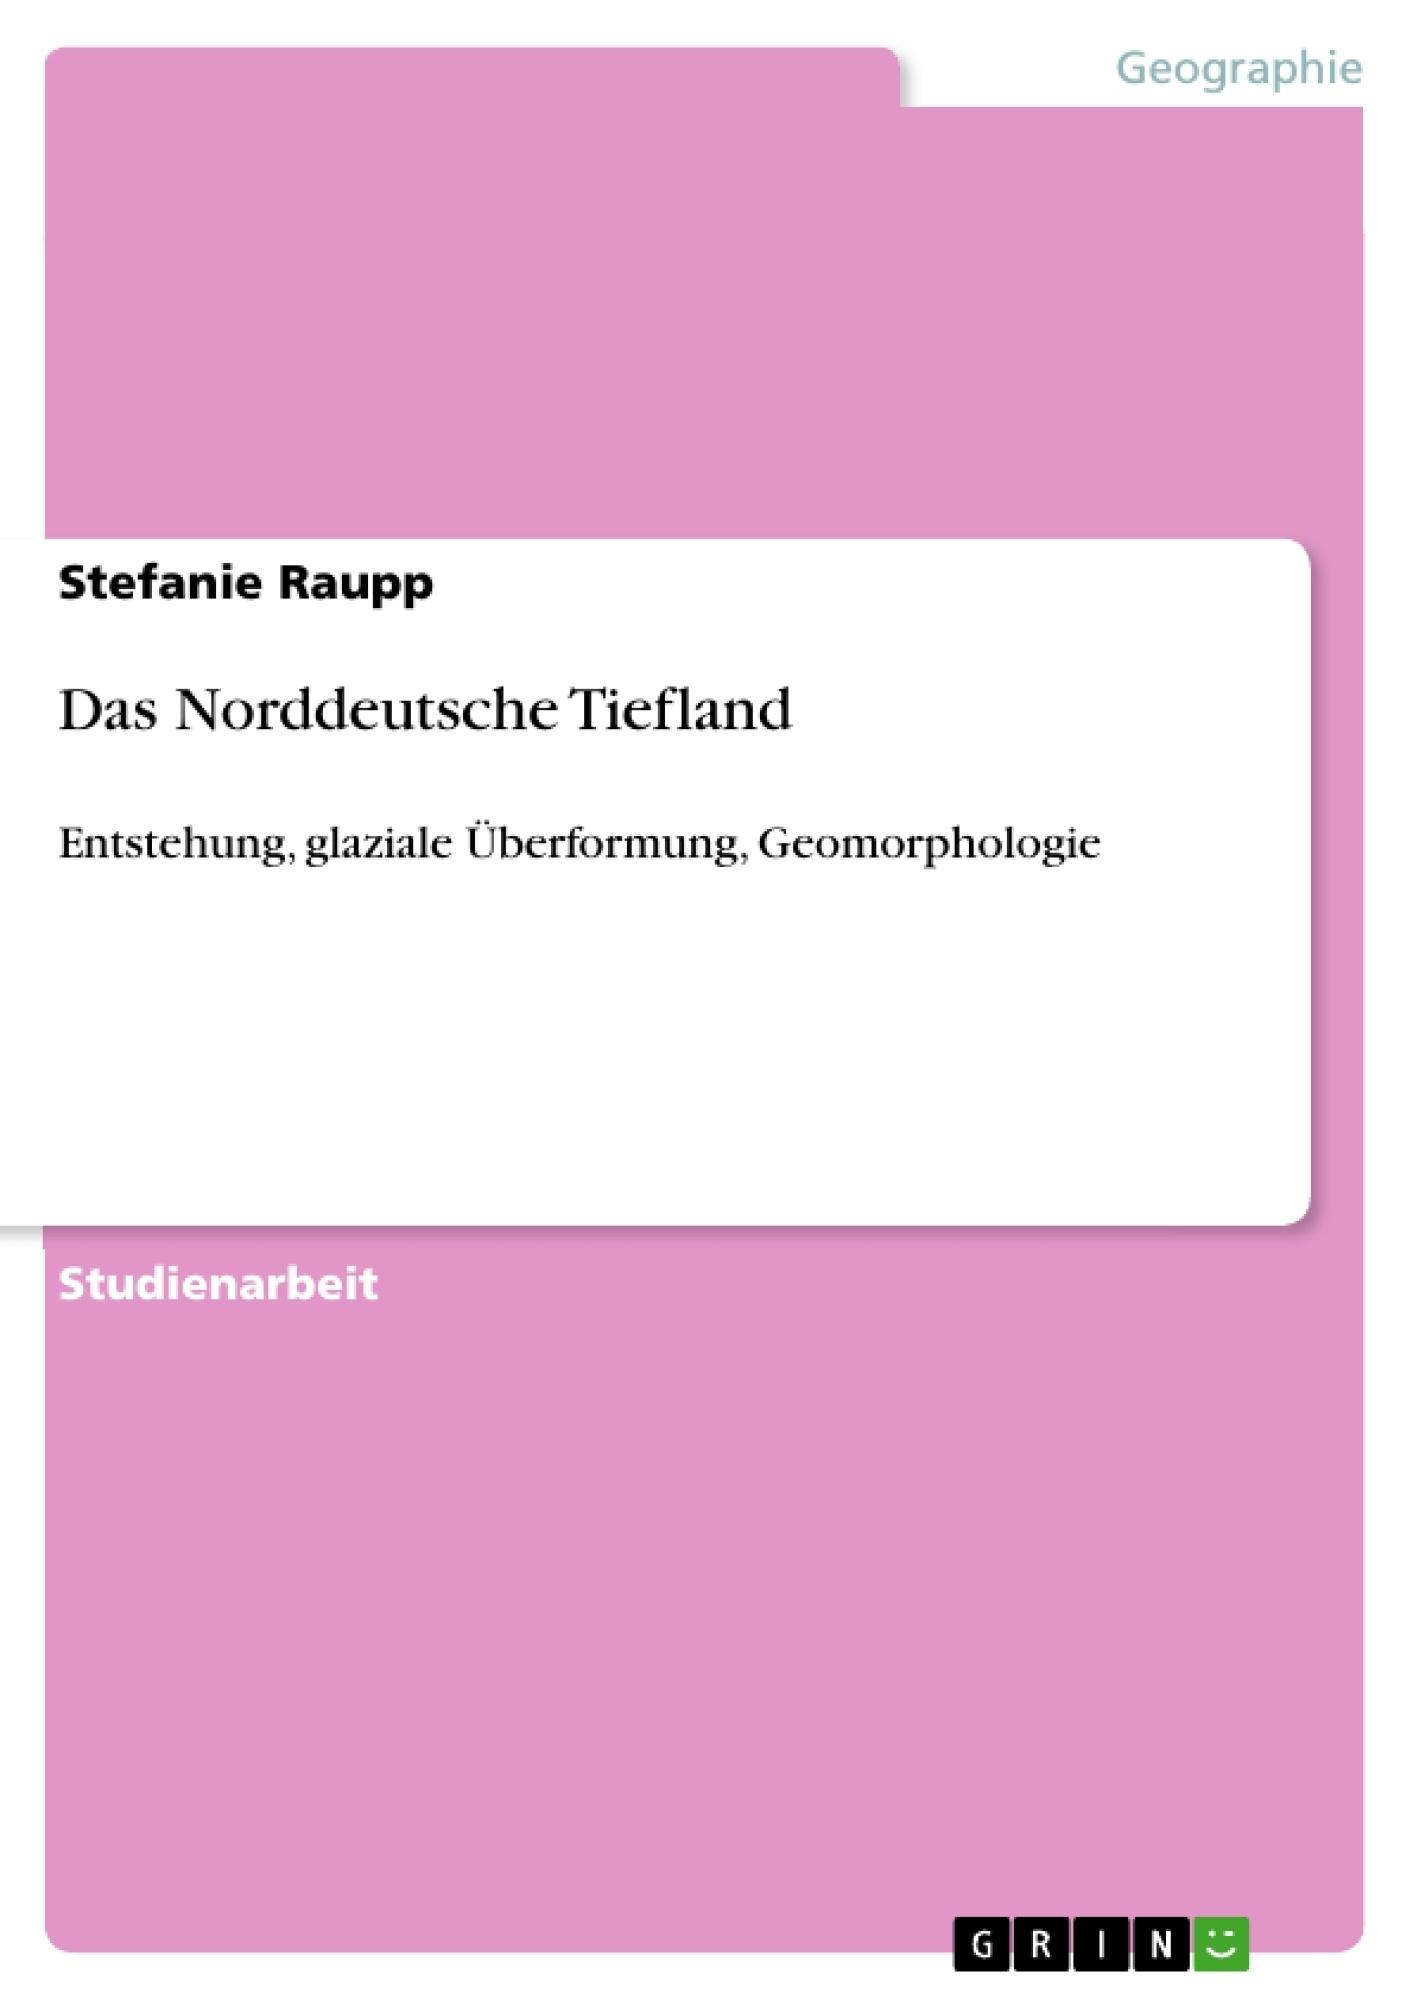 Titel: Das Norddeutsche Tiefland